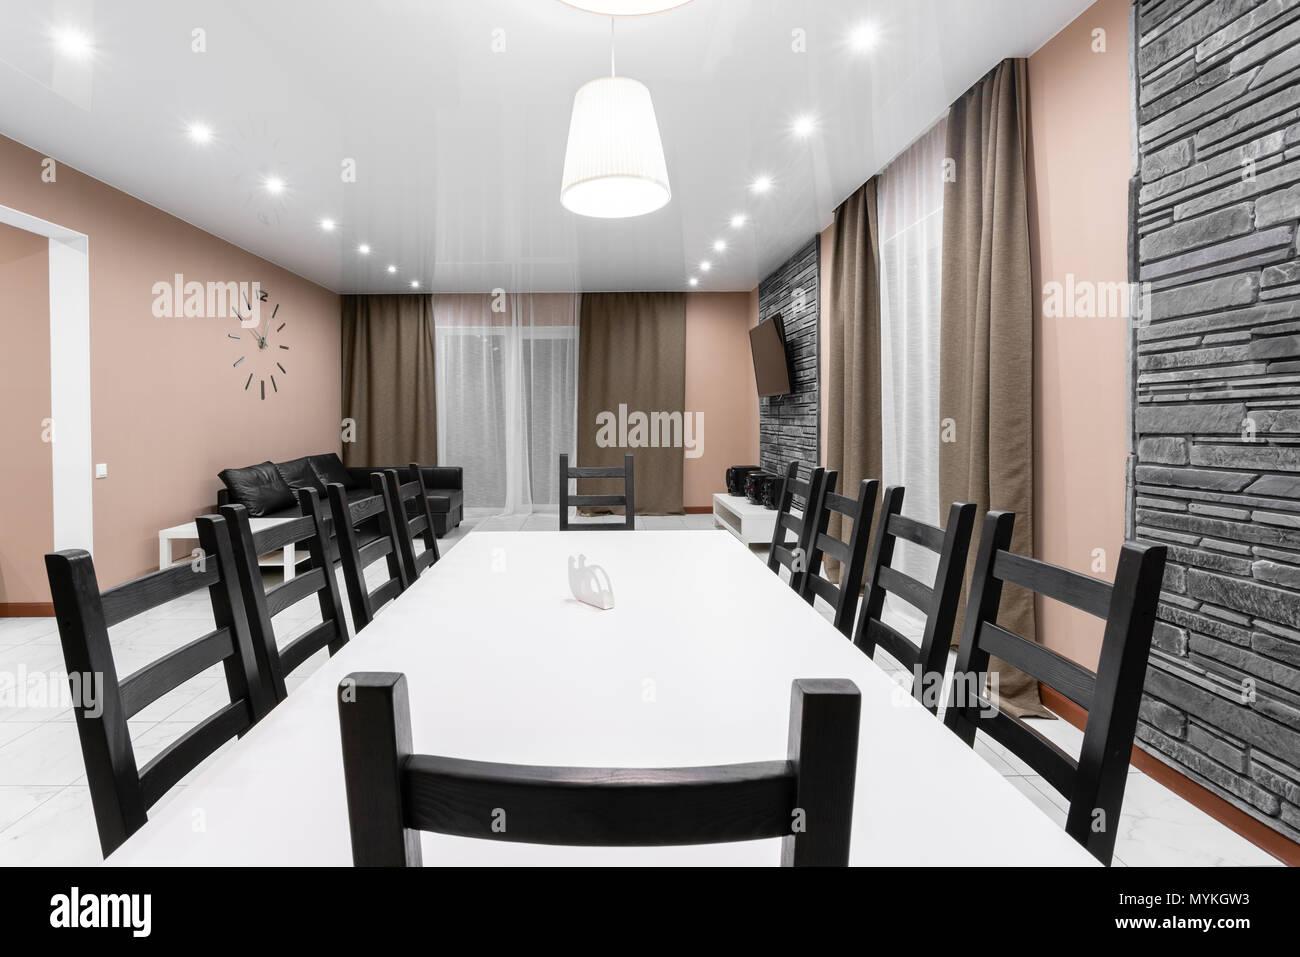 Esstisch Für 10 Personen. Moderner Minimalismus Style Salon Interieur.  Einfache Und Kostengünstige Wohnzimmer Mit Küche. Innenbeleuchtung Abend